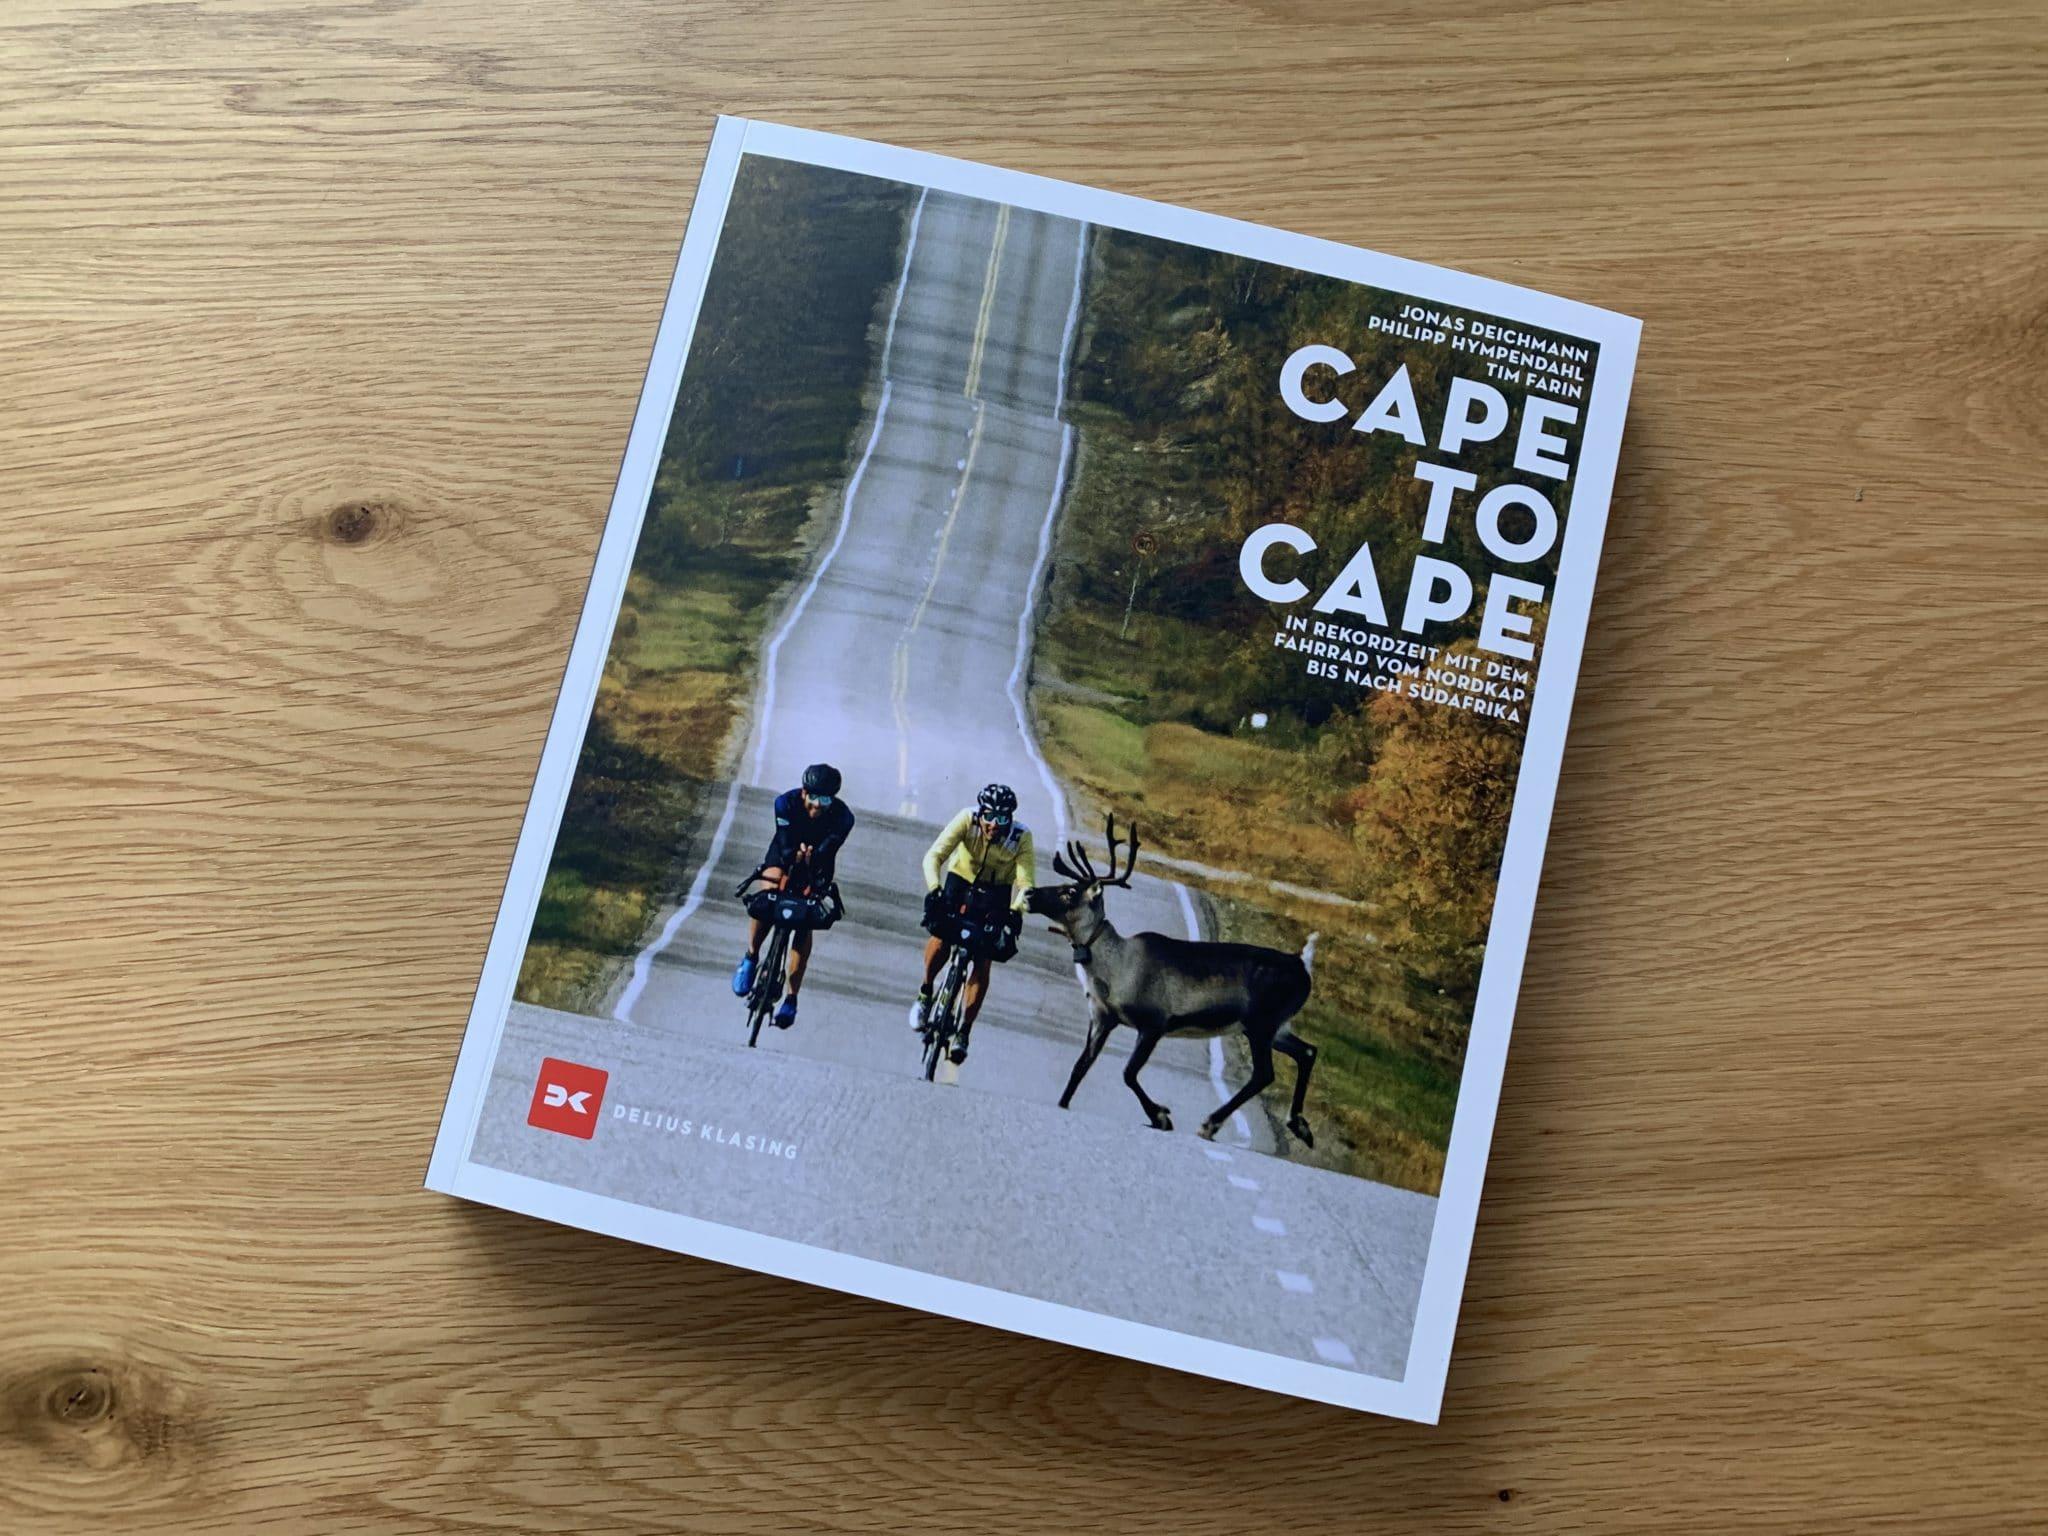 Cape 2 Cape das Buch